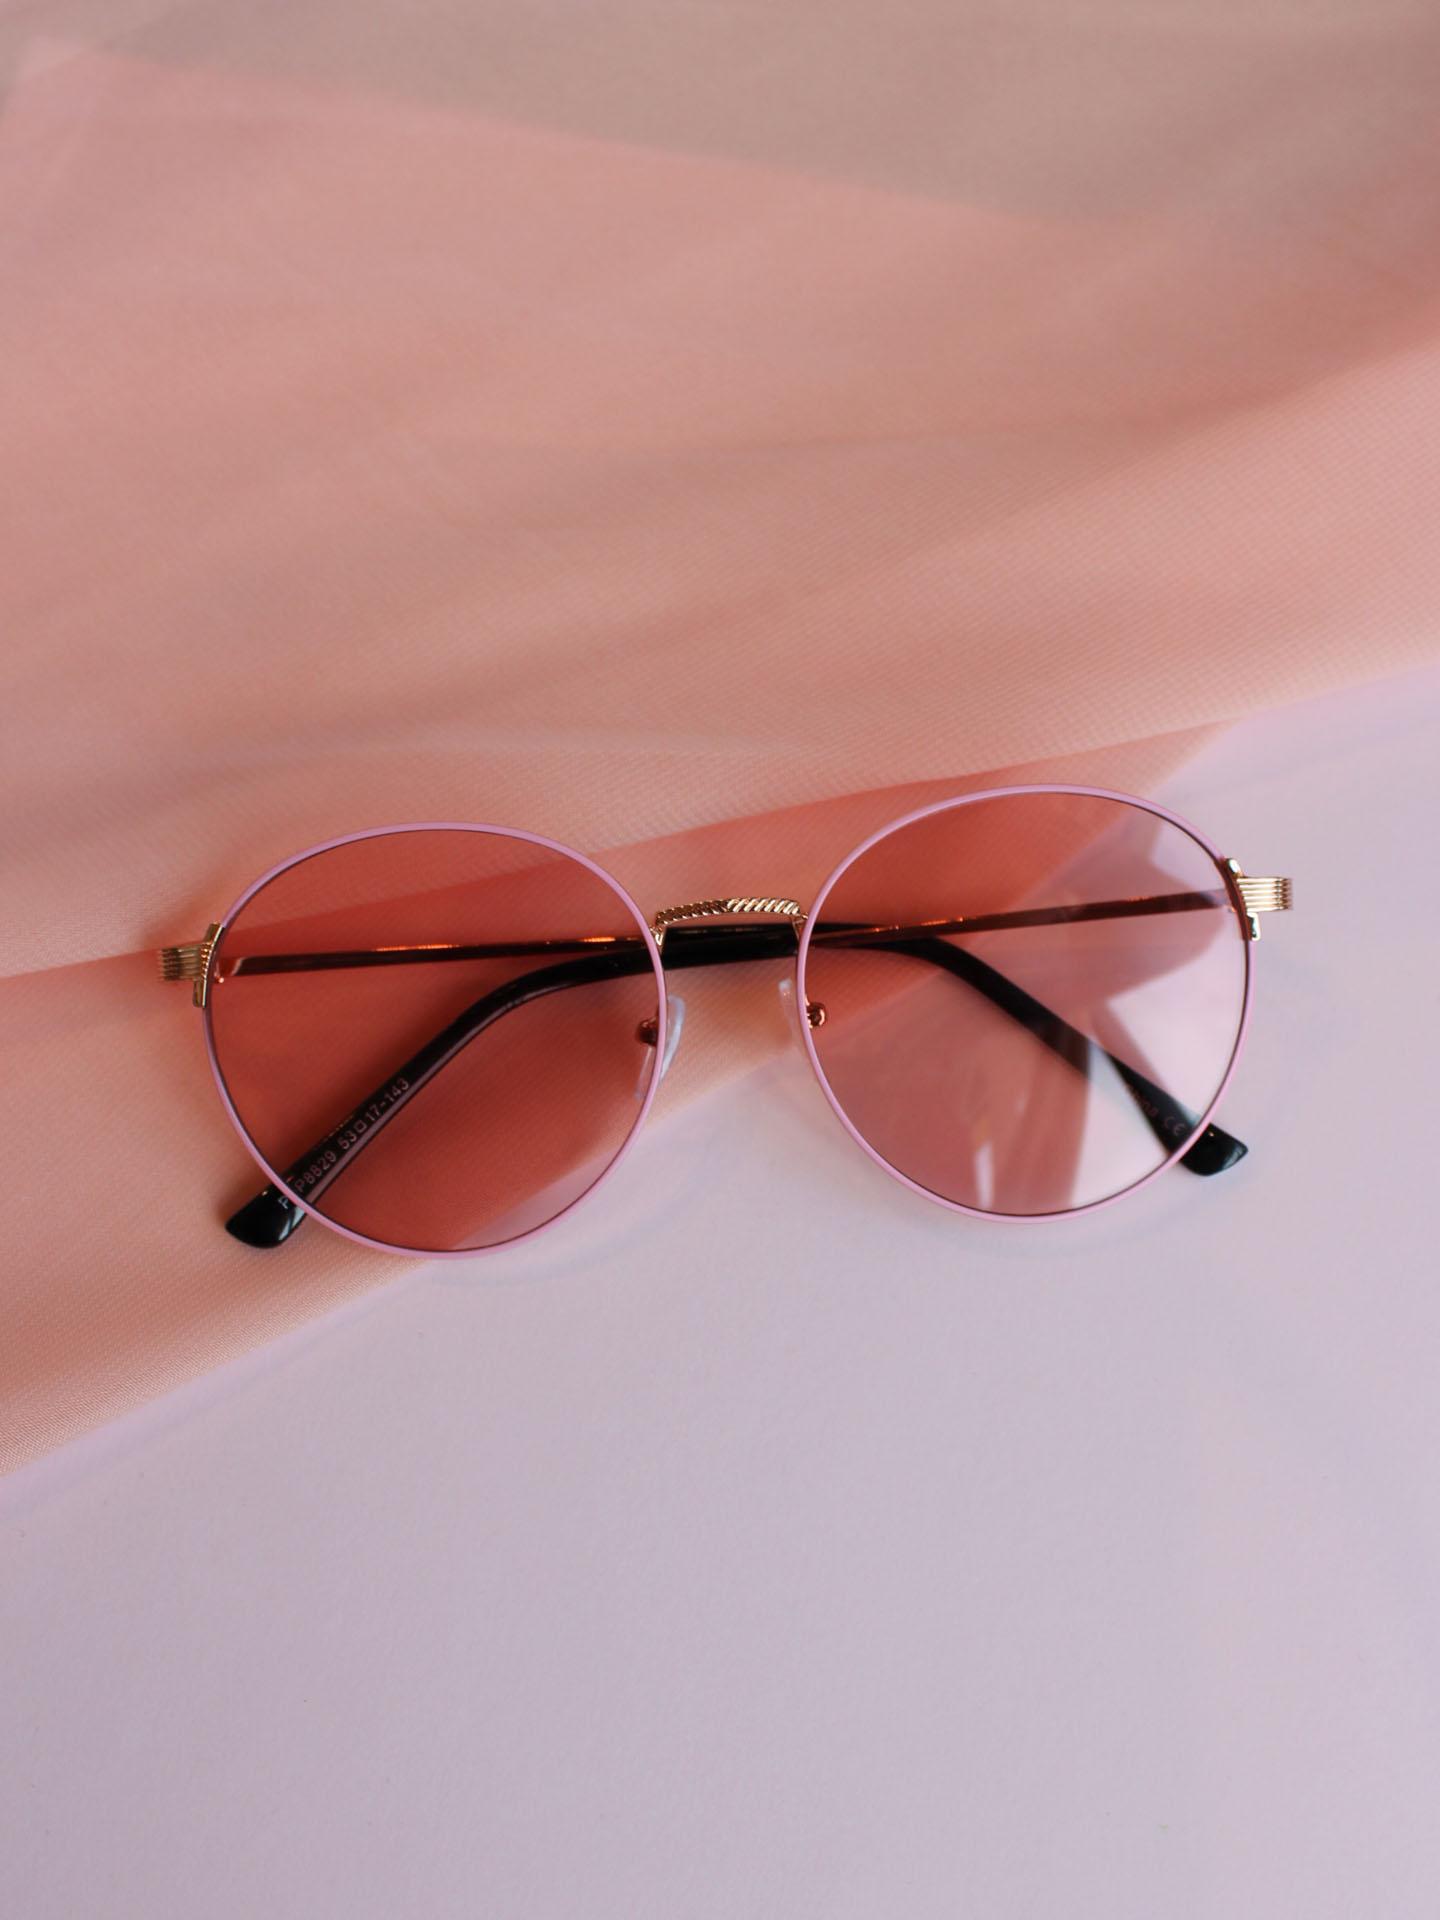 Sunniva Sunnies Pink